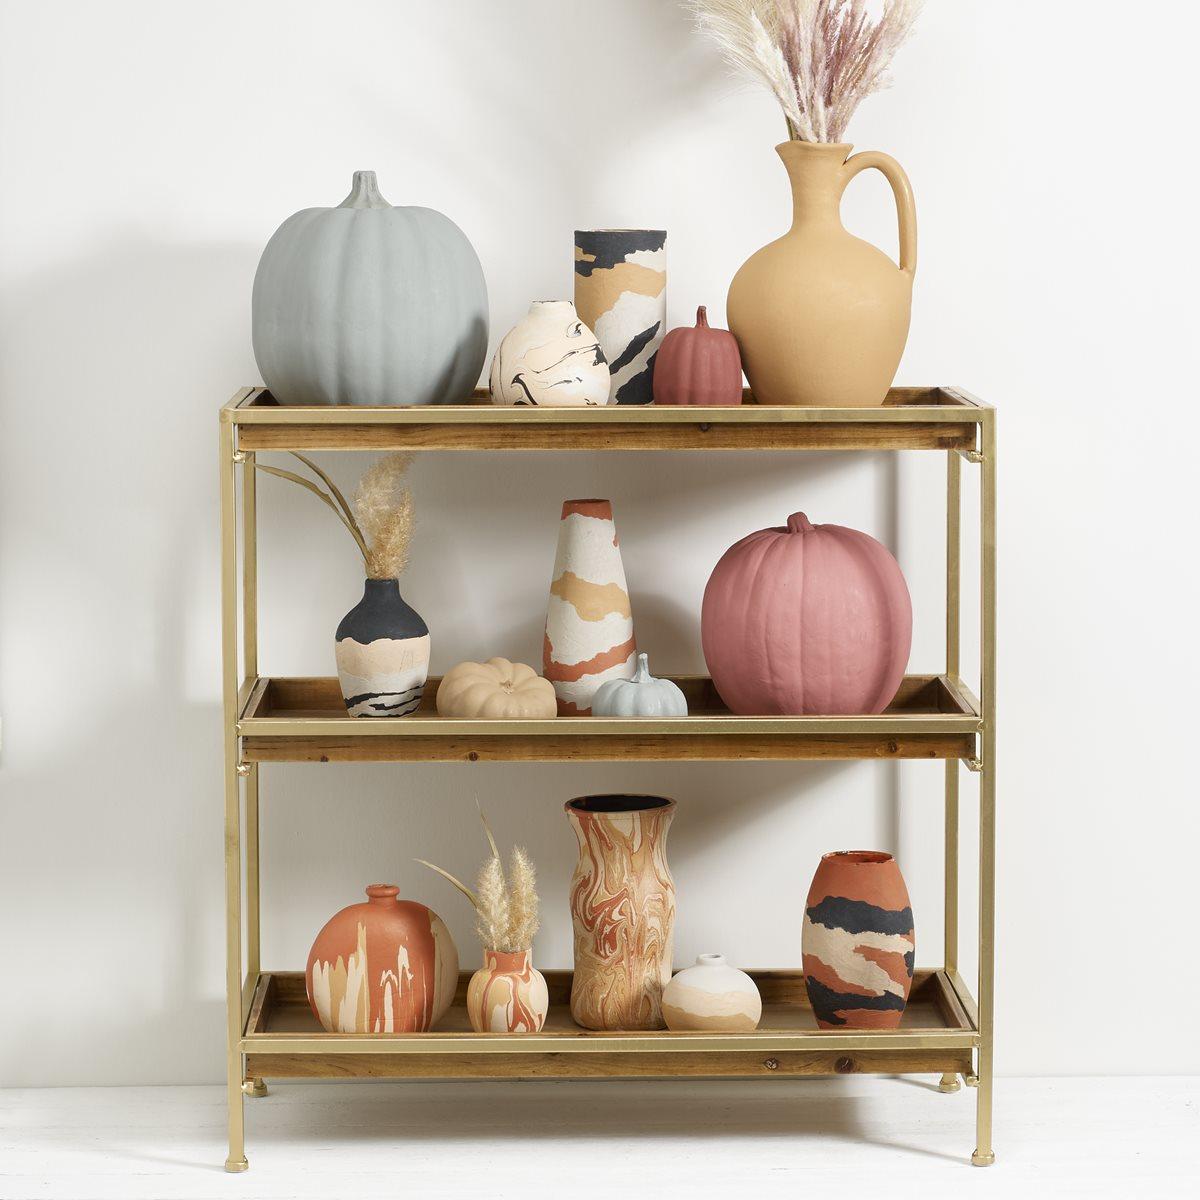 FolkArt Terra Cotta Poured Vases